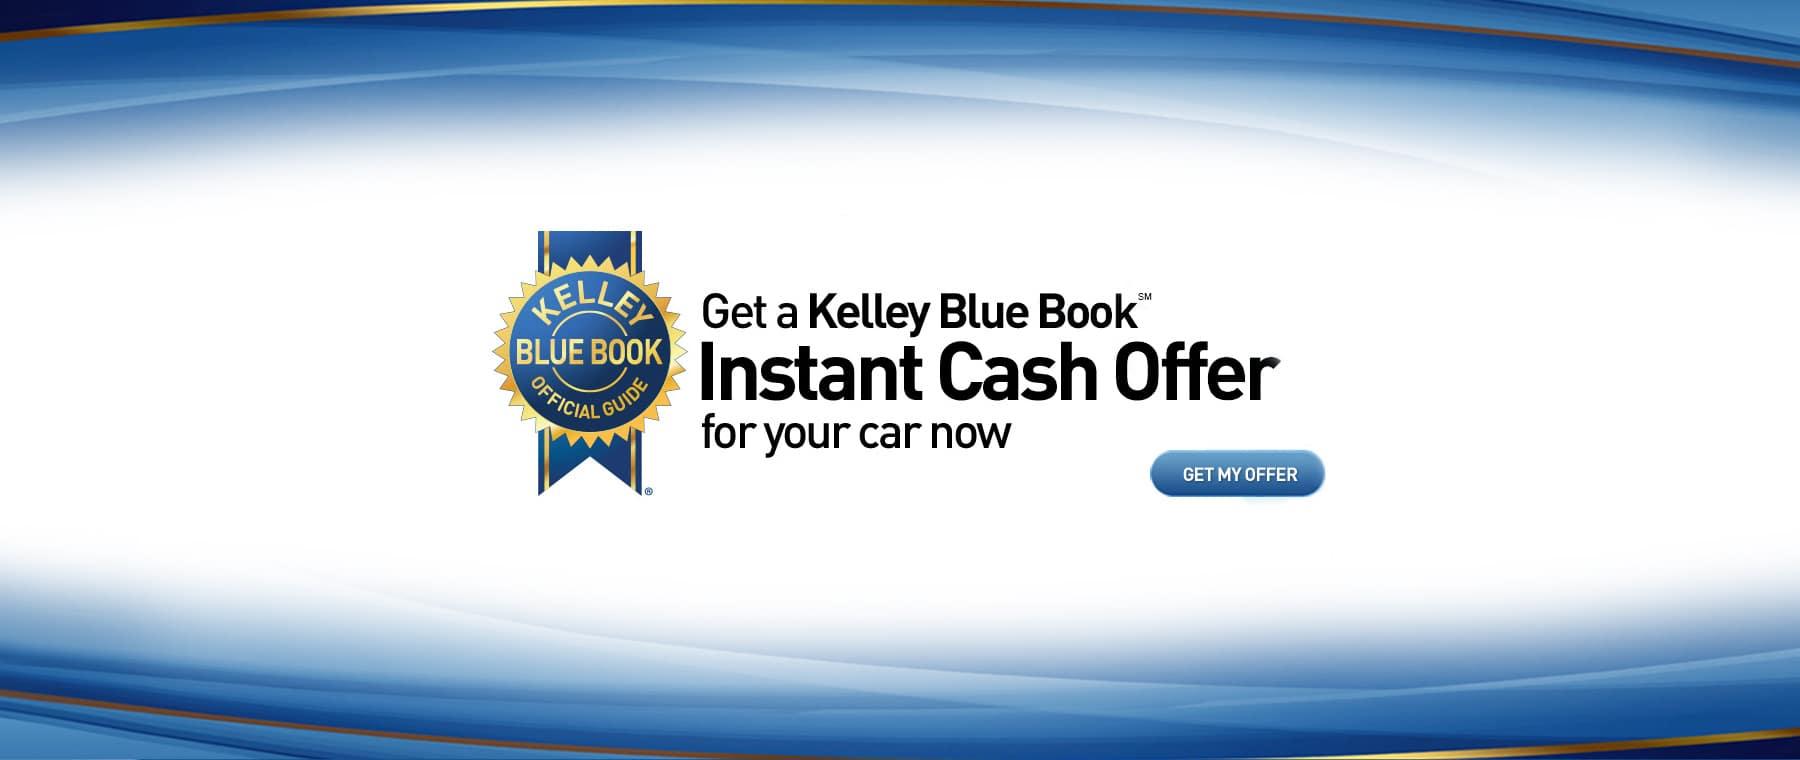 https://www.strosniderchevrolet.com/kbb-instant-cash-offer/